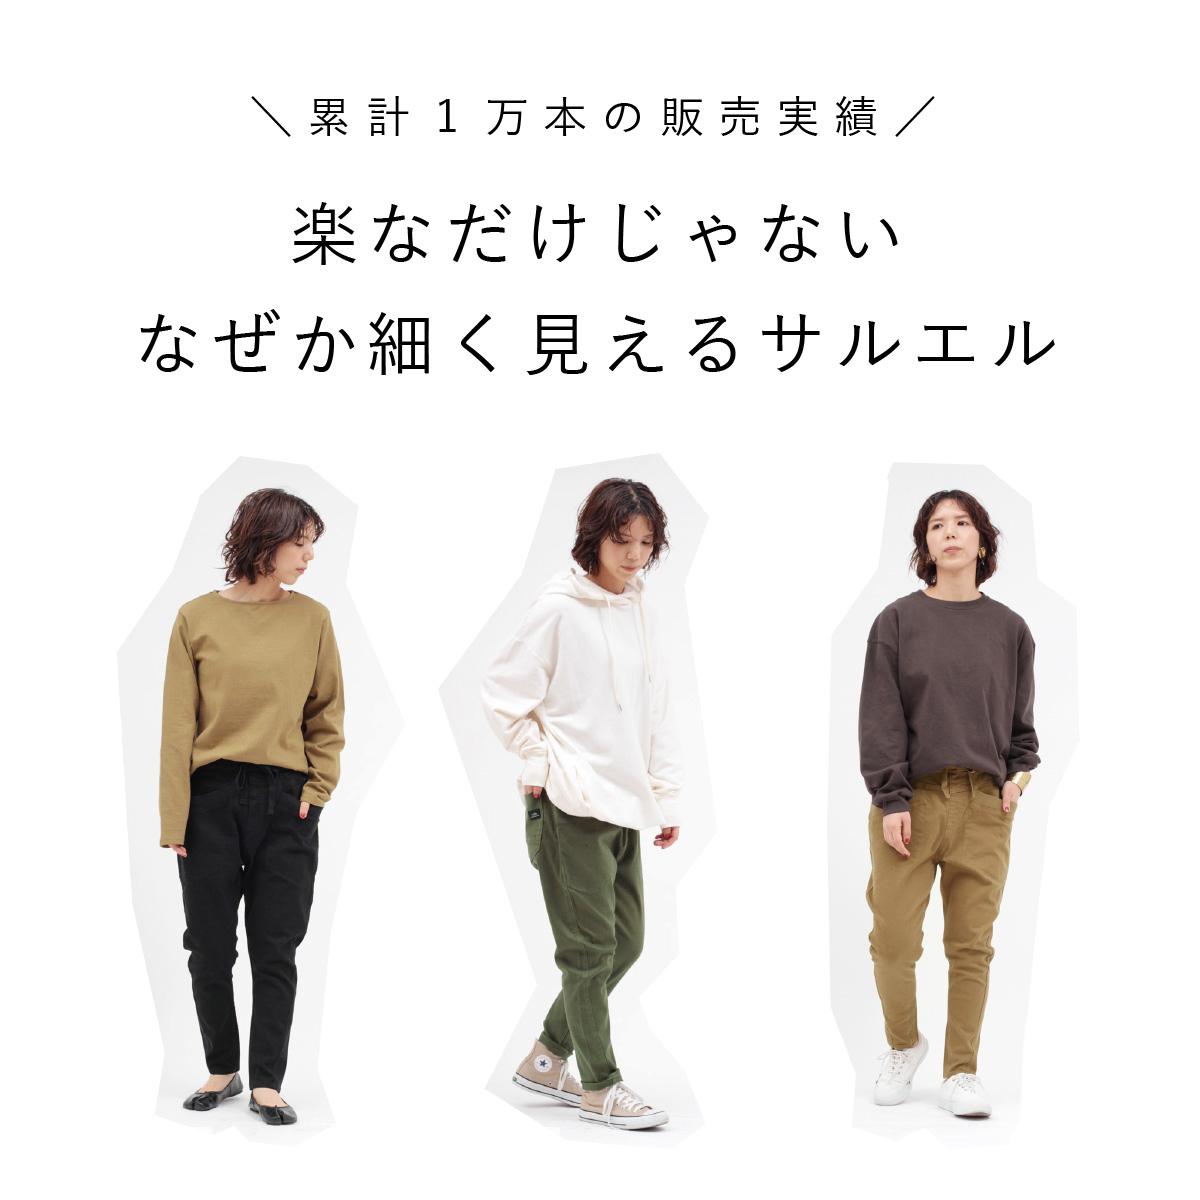 【再入荷】サルエルスキニー CF0295